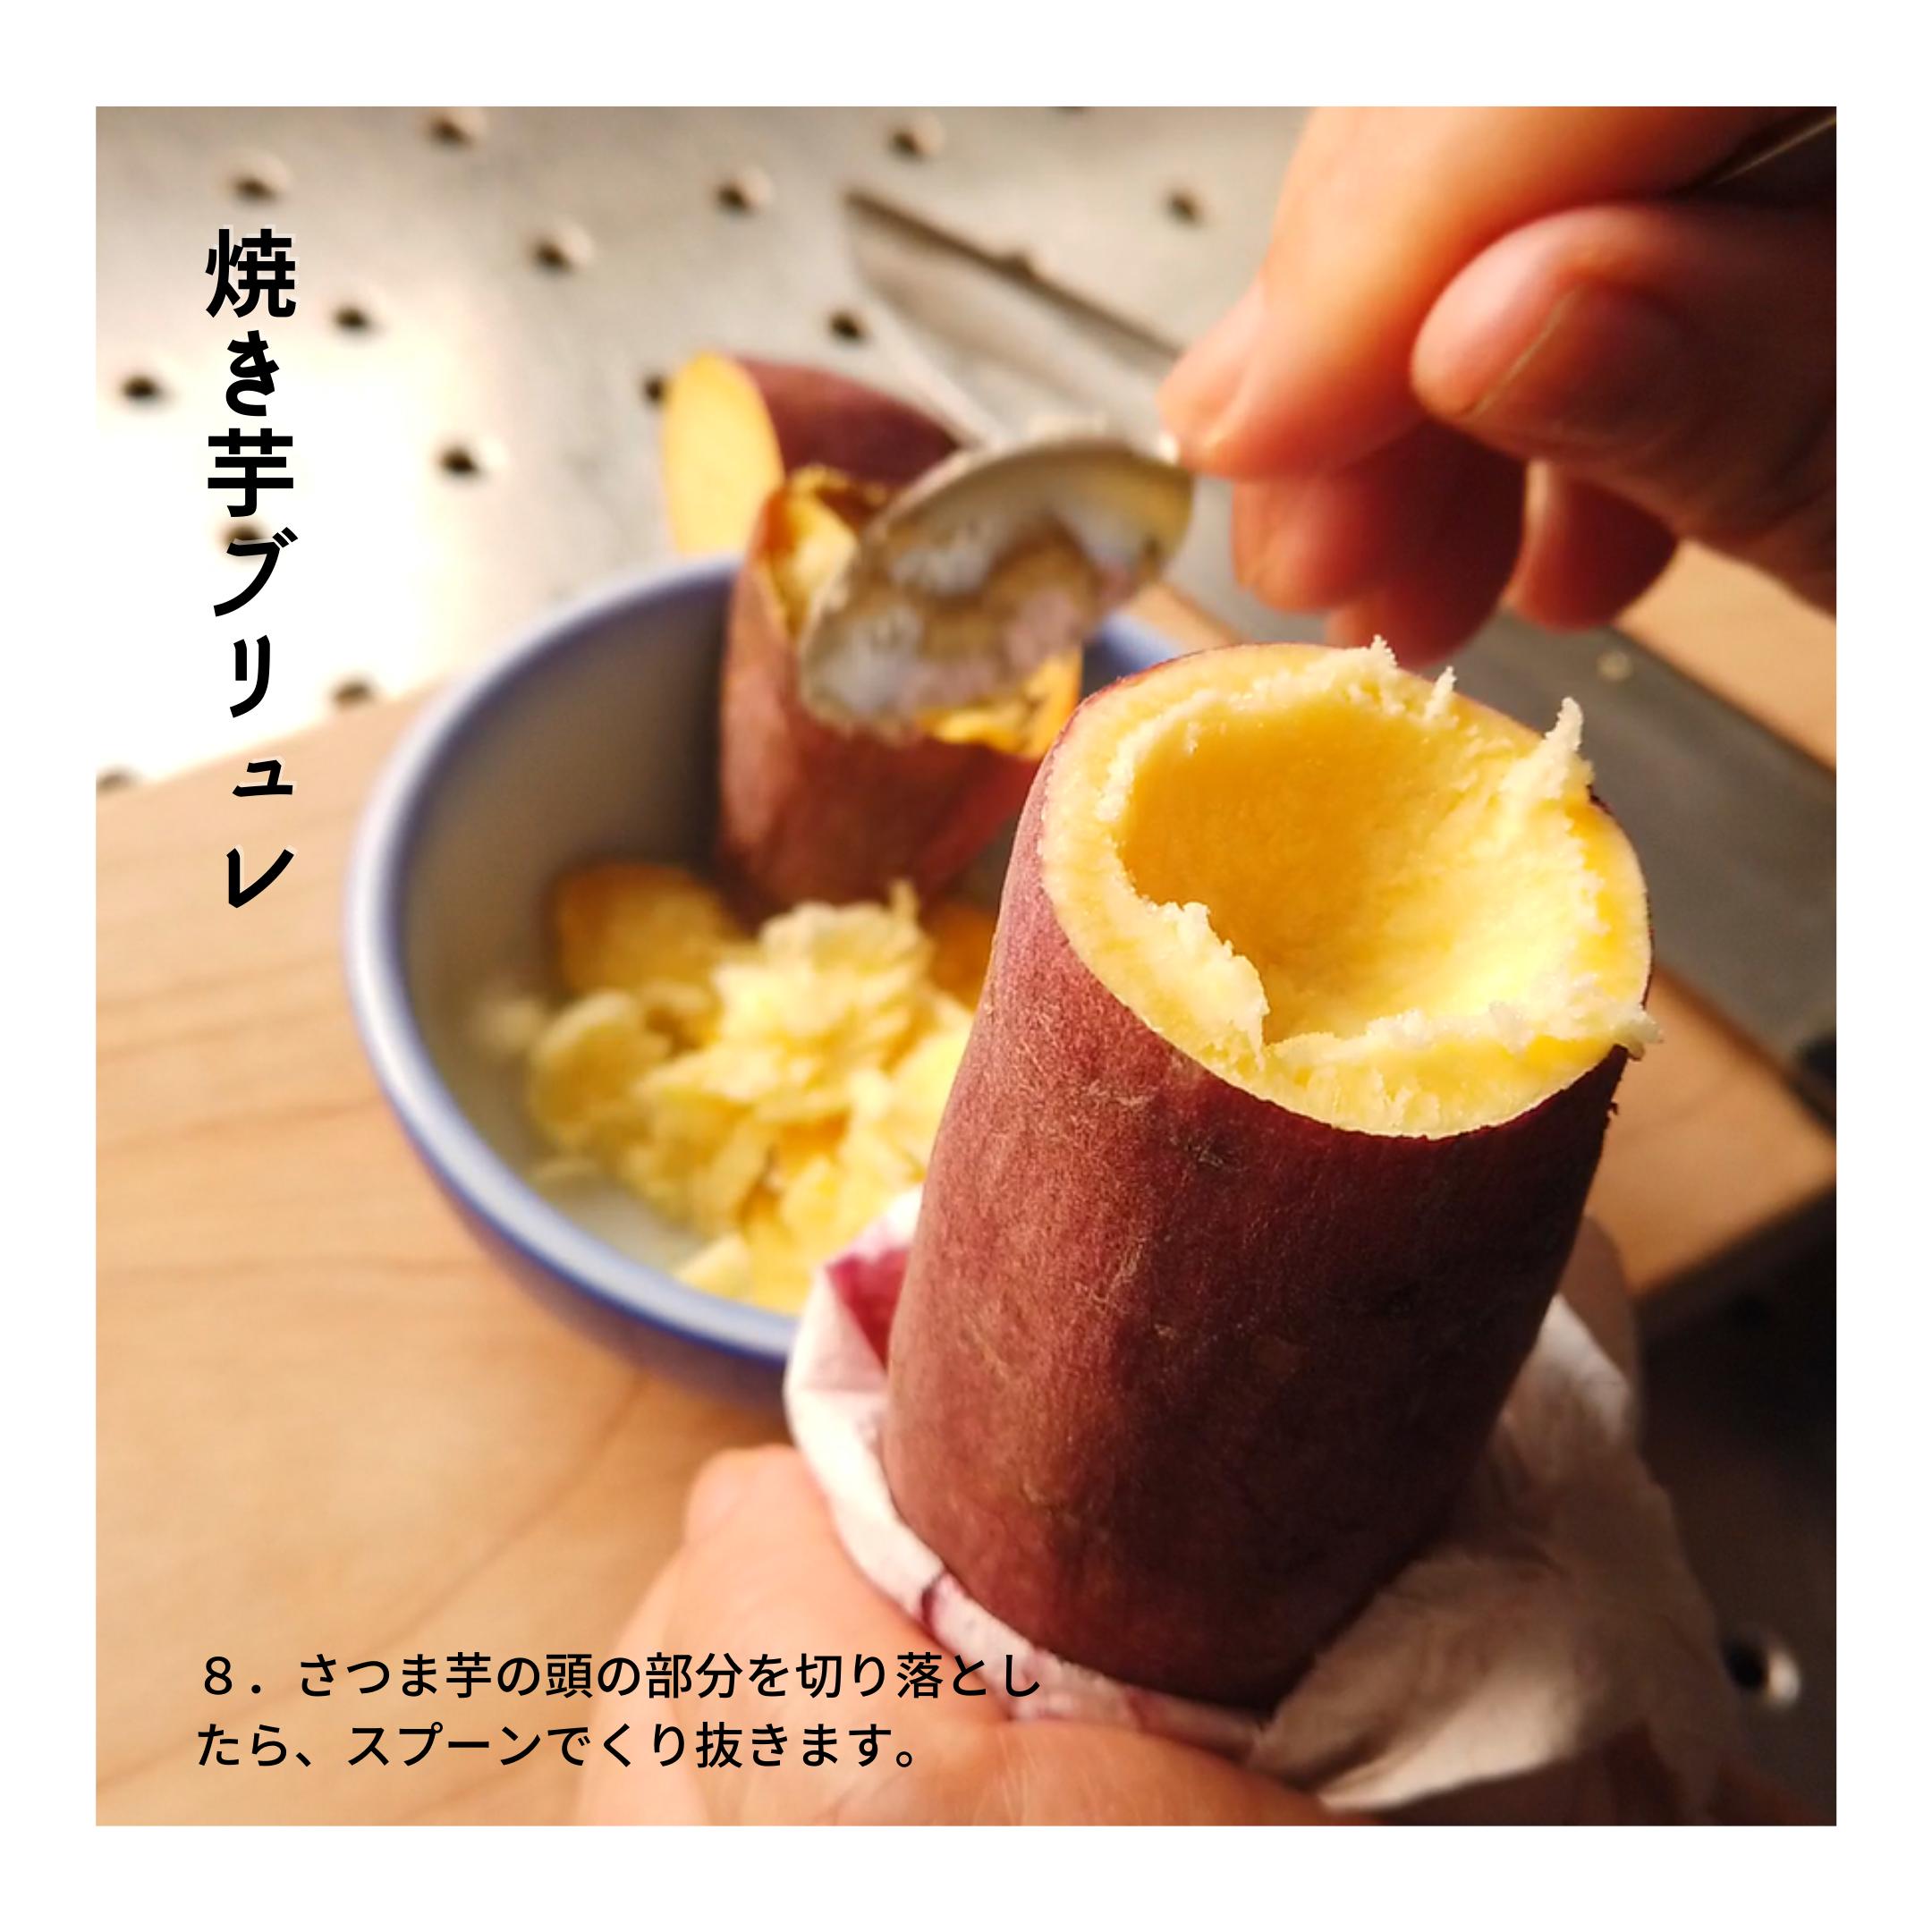 【焼き芋(壺芋)ブリュレの作り方】8.さつま芋の頭の部分を切り落としたら、スプーンでくり抜きます。